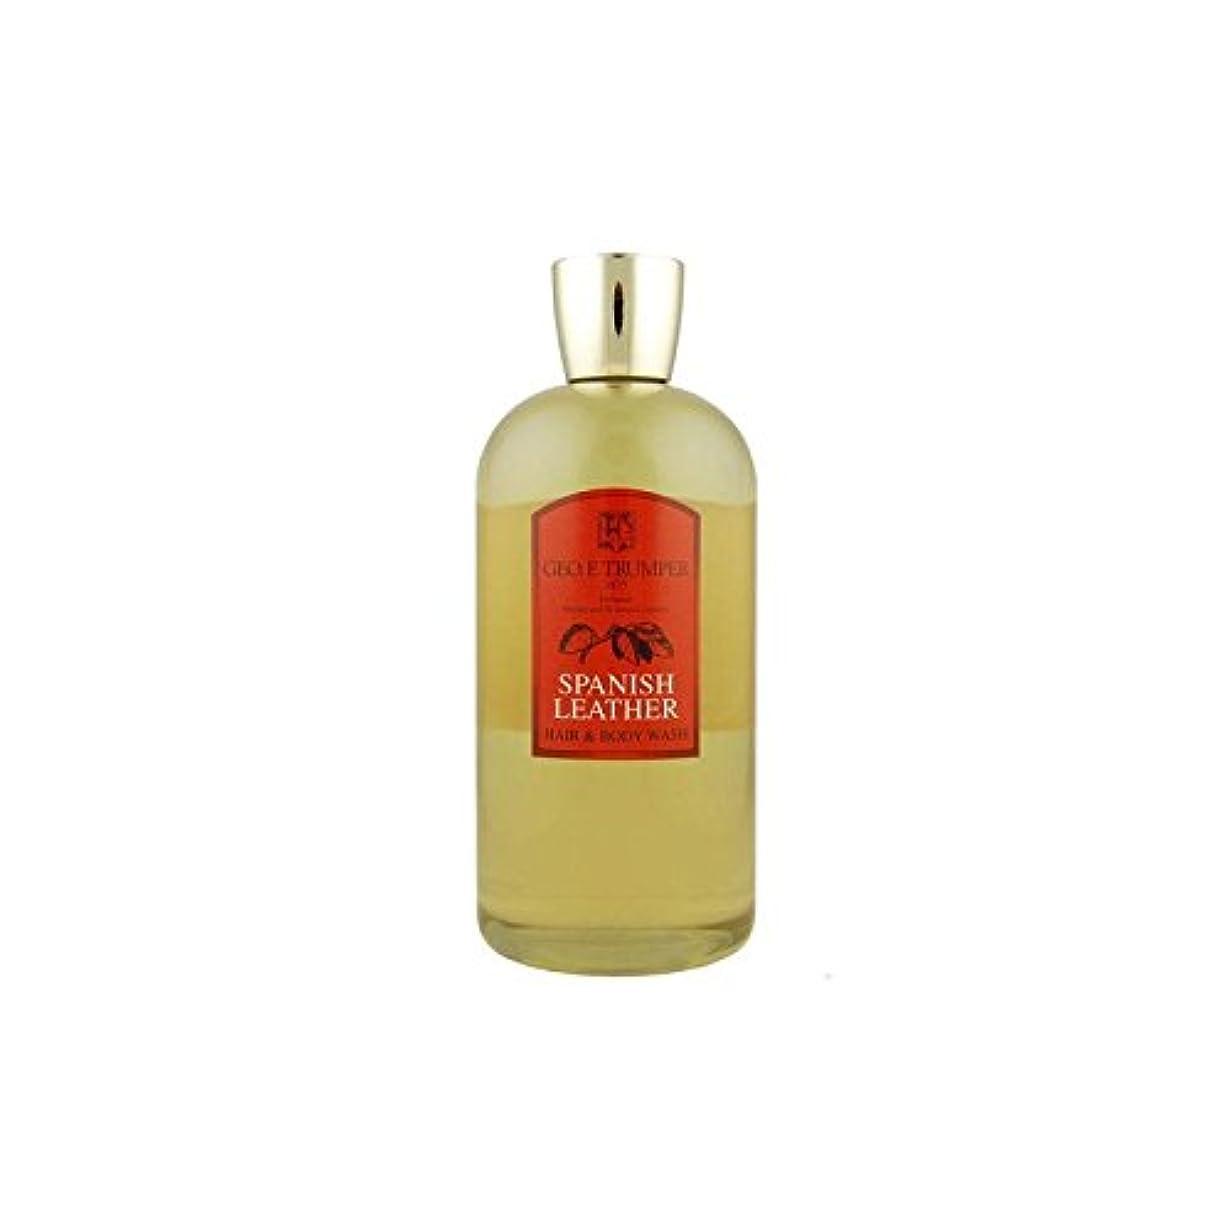 変更垂直寛大なTrumpers Spanish Leather Hair and Body Wash - 500mlTravel Bottle (Pack of 6) - 革の髪とボディウォッシュスペイン語 - 500ボトル x6 [...